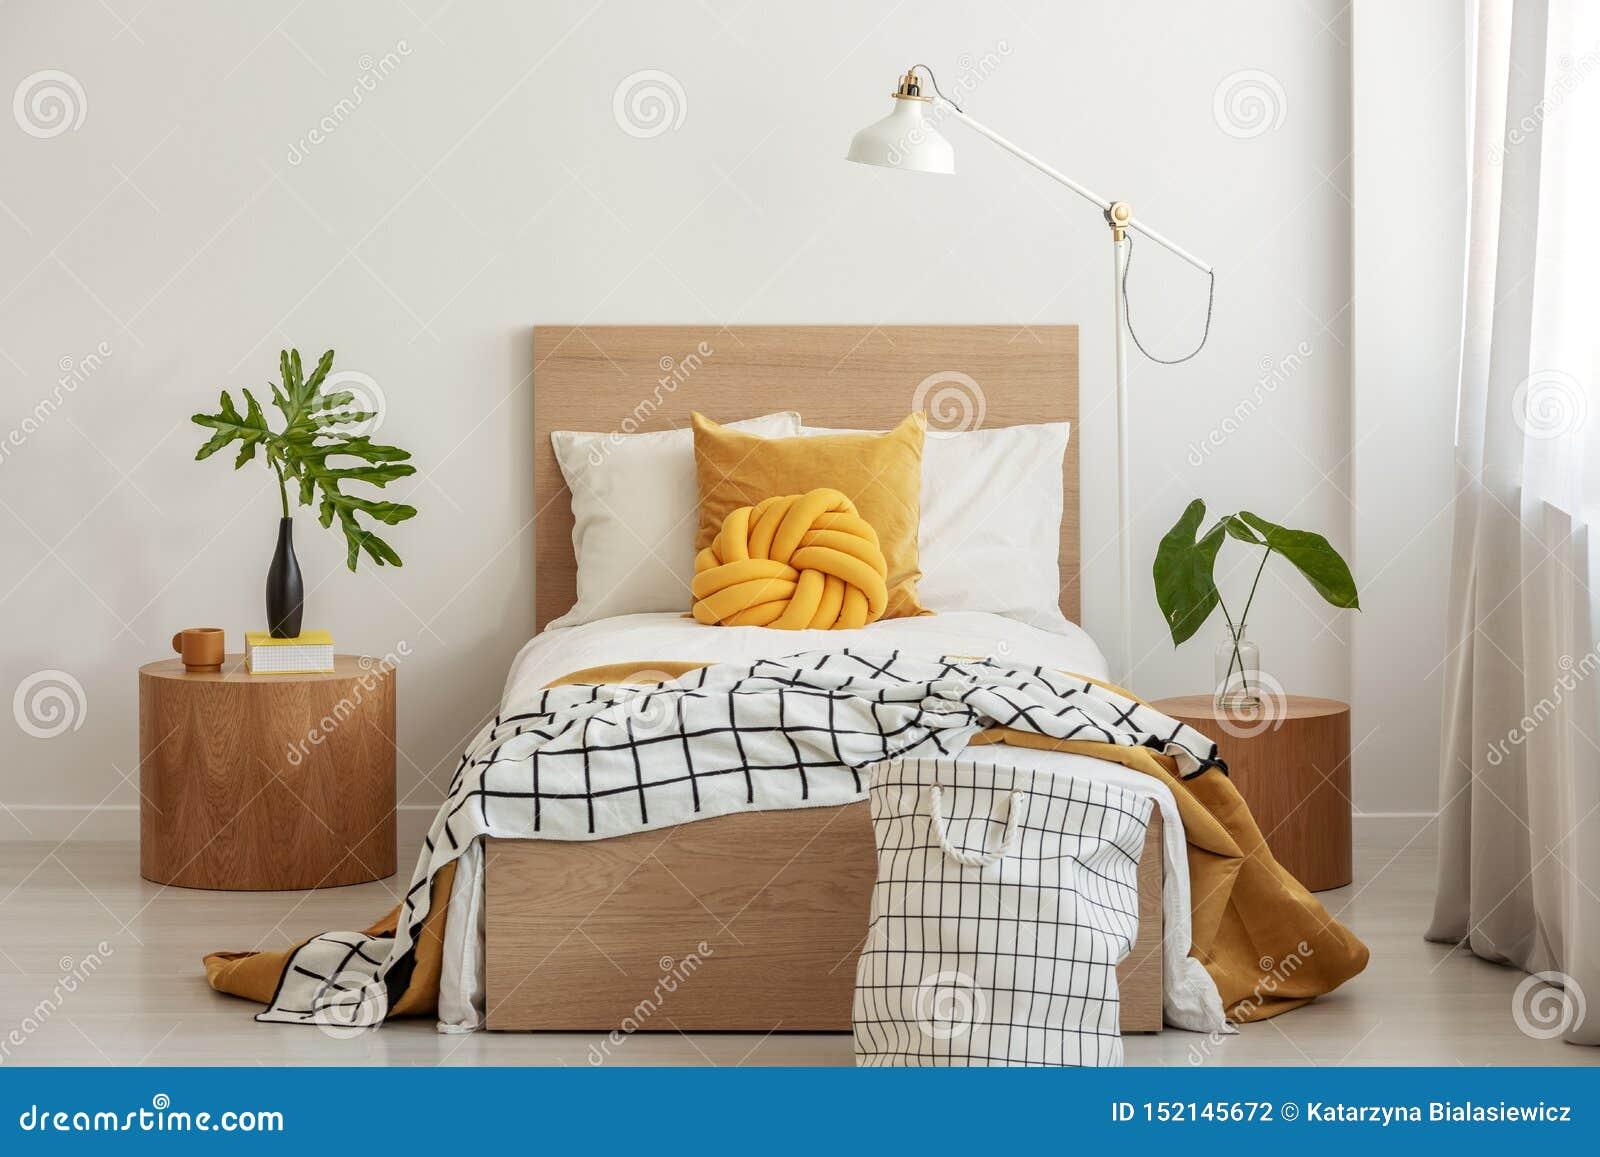 Descanso do nó e cobertura preto e branco na cama individual no interior elegante com a folha verde no vaso no nightstand de made